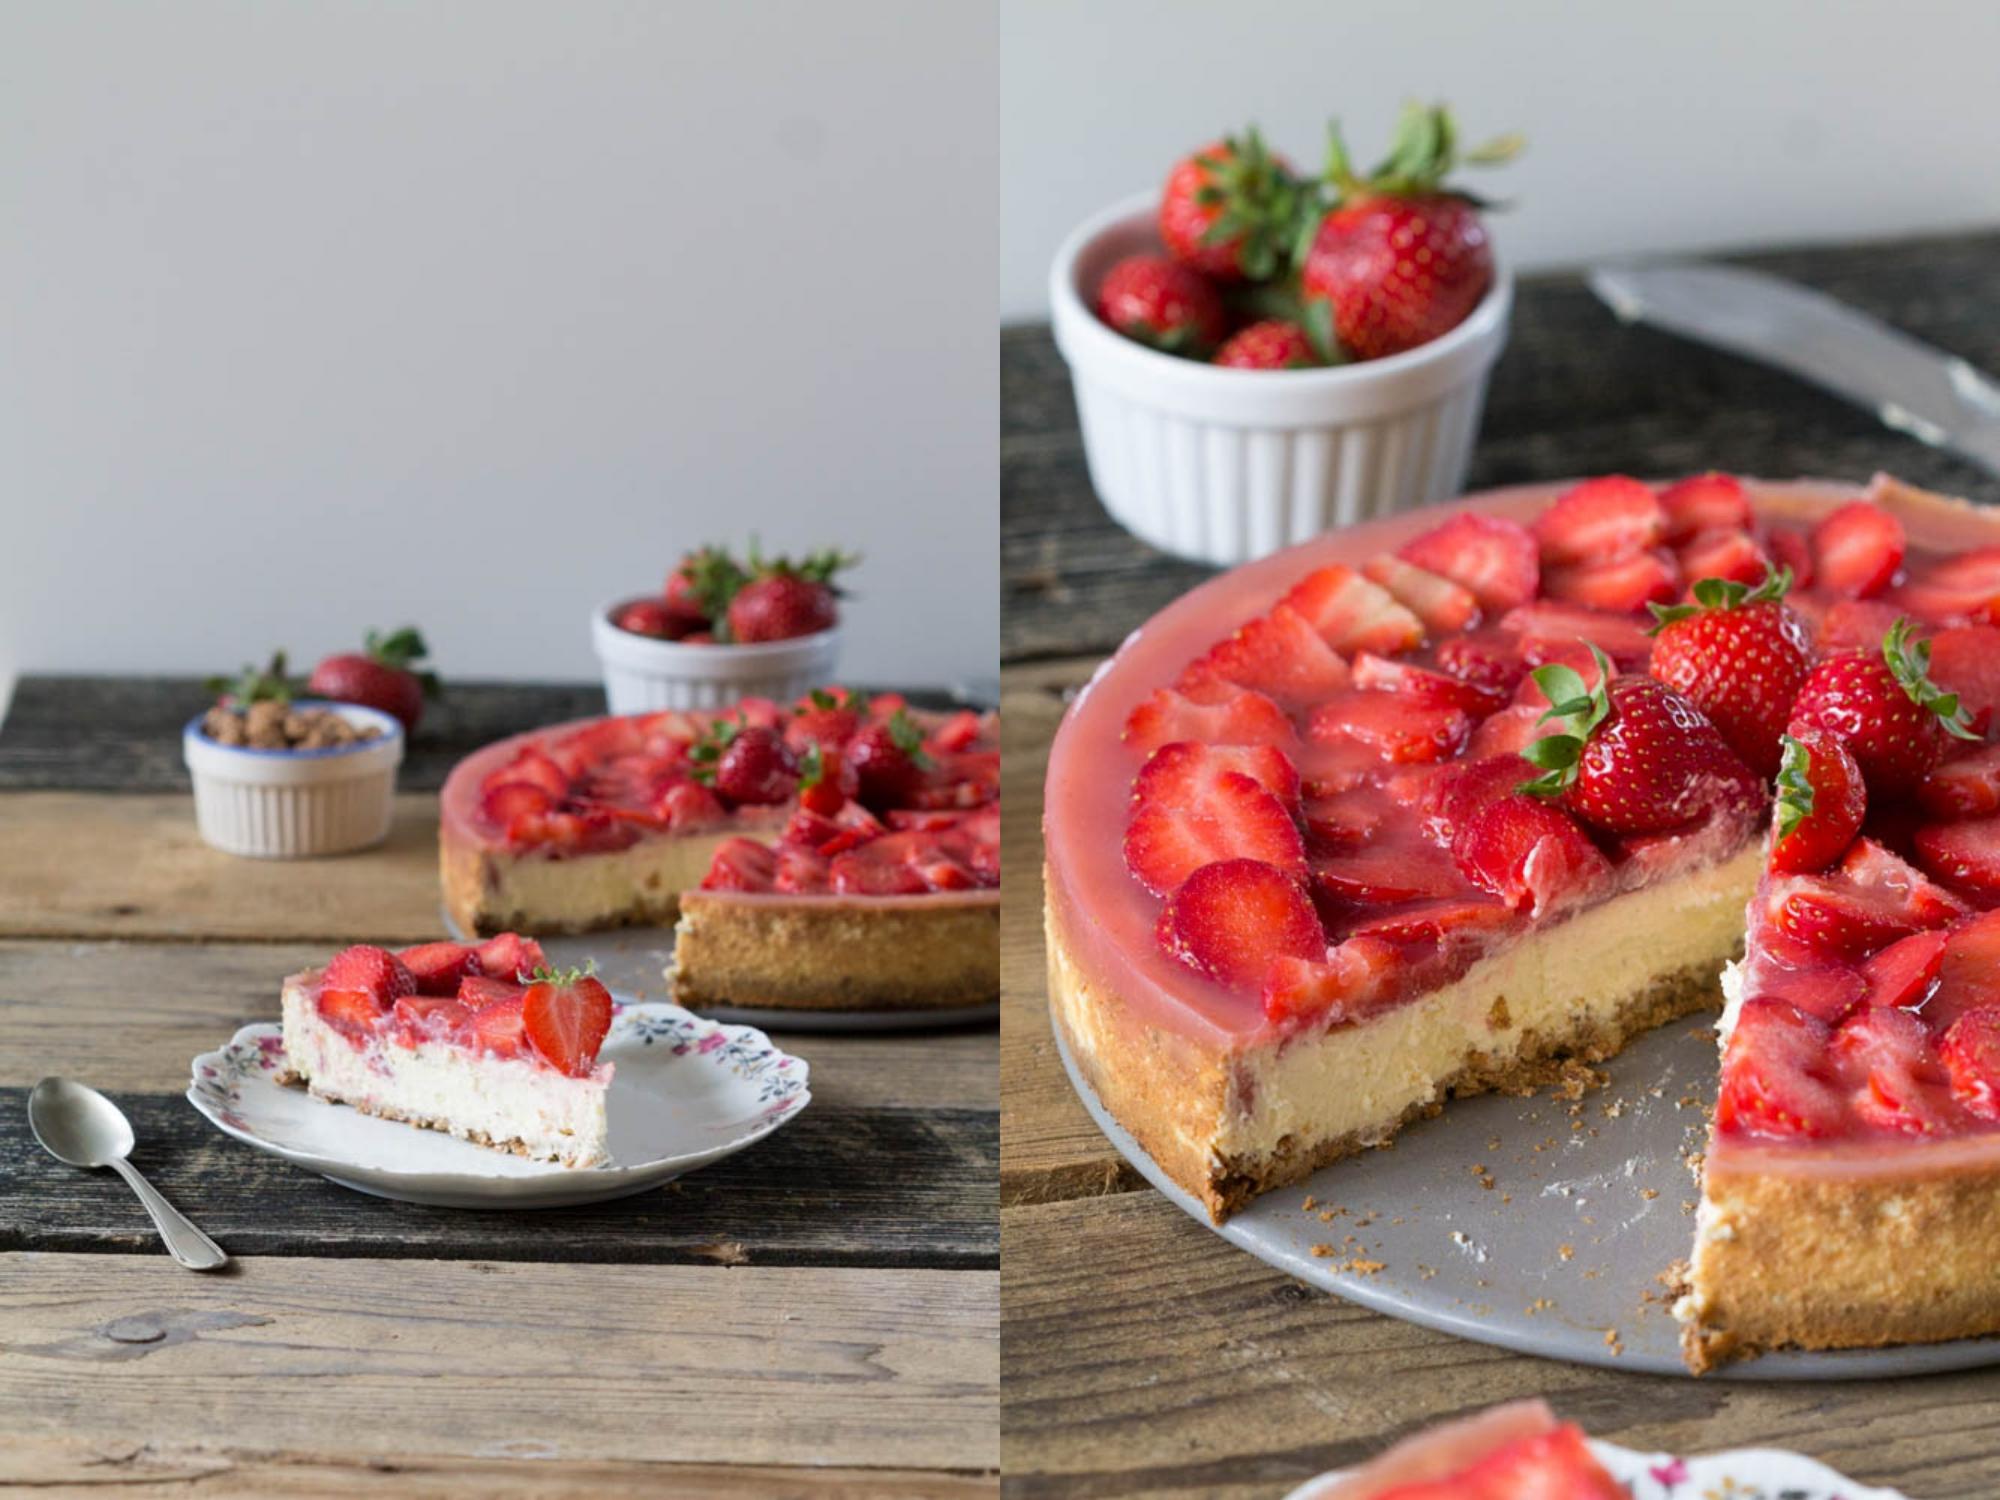 FAIBLE_Erdbeer-Cheesecake mit Erdmandel 5